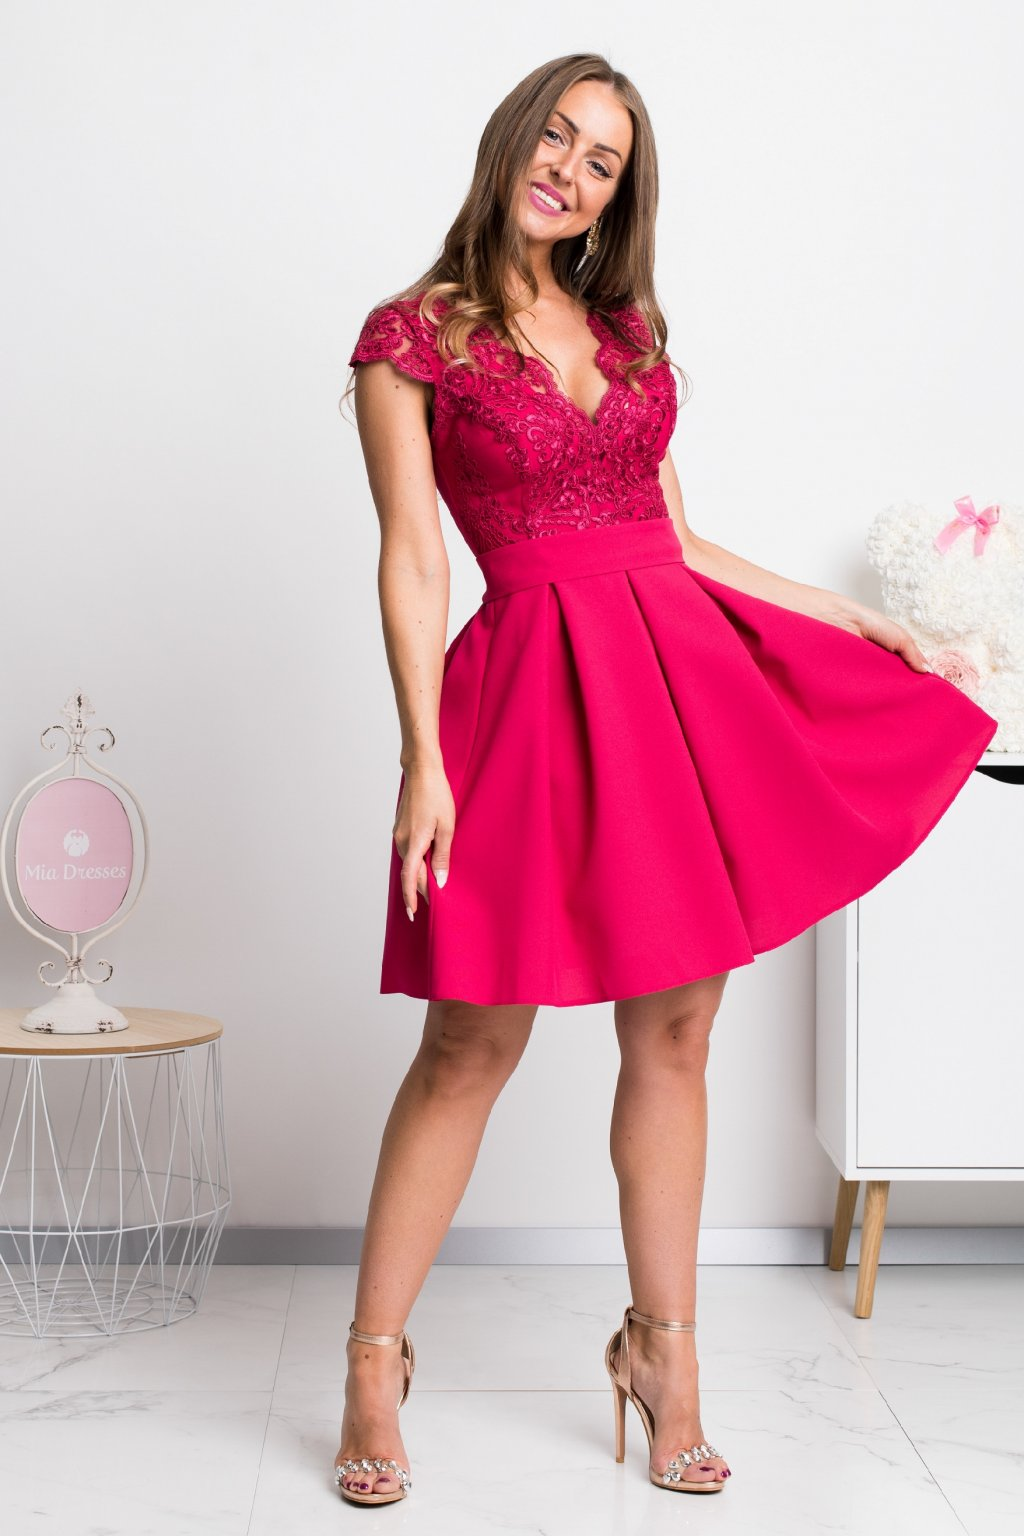 Malinové spoločenské mini šaty s áčkovou sukňou